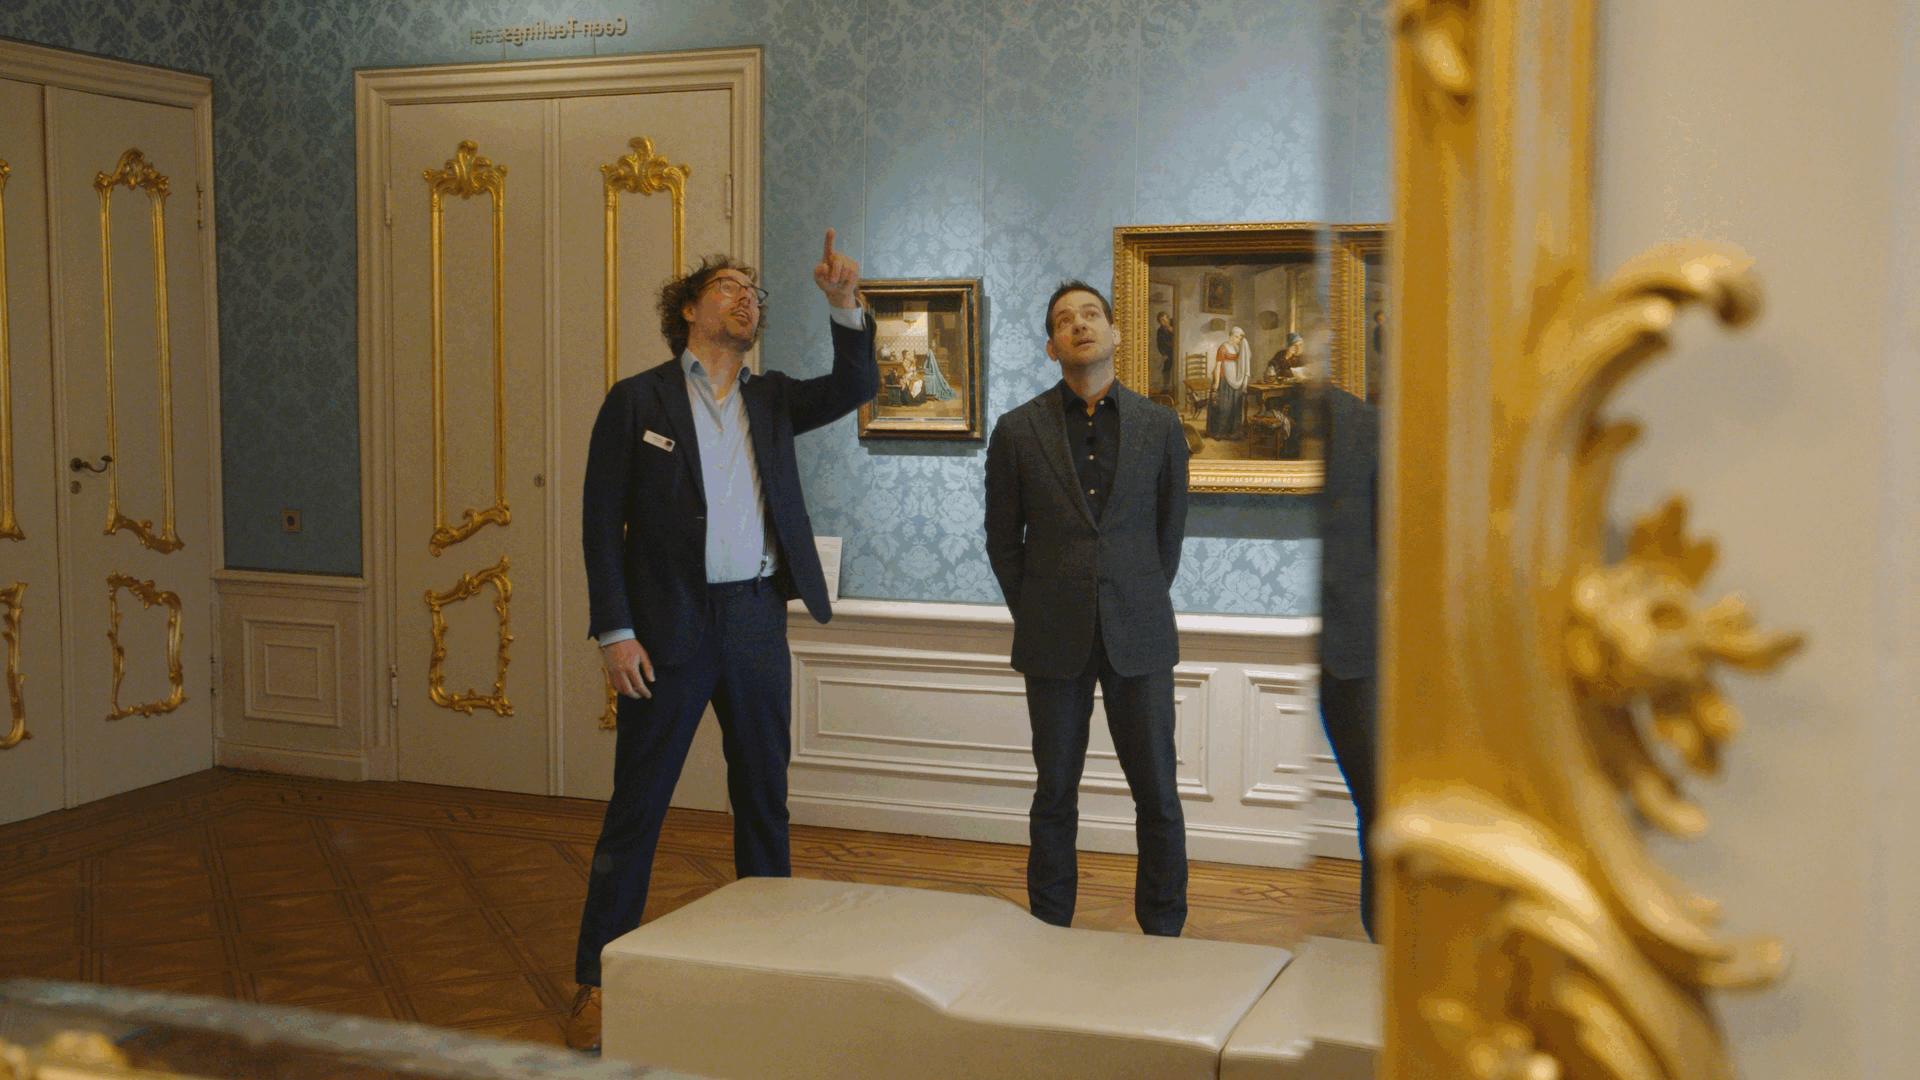 Rondleiding door het museum met Lucas de Man